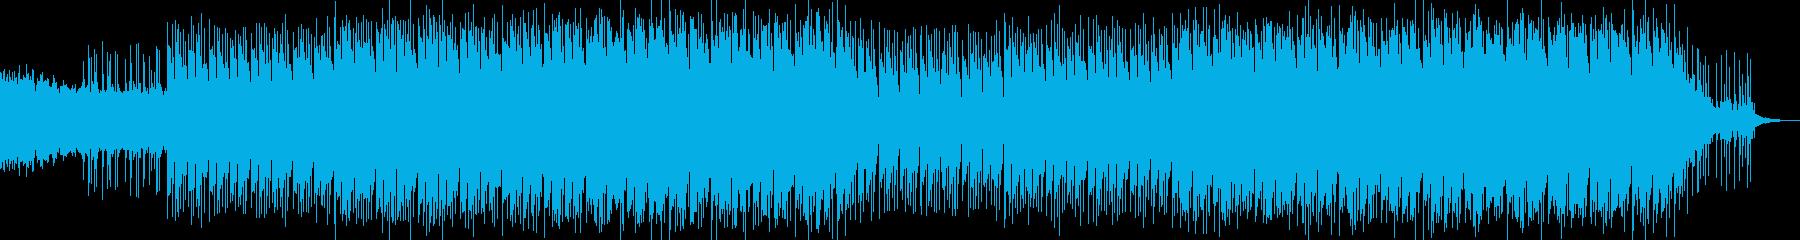 現代的で都会的なシンセミュージック-19の再生済みの波形